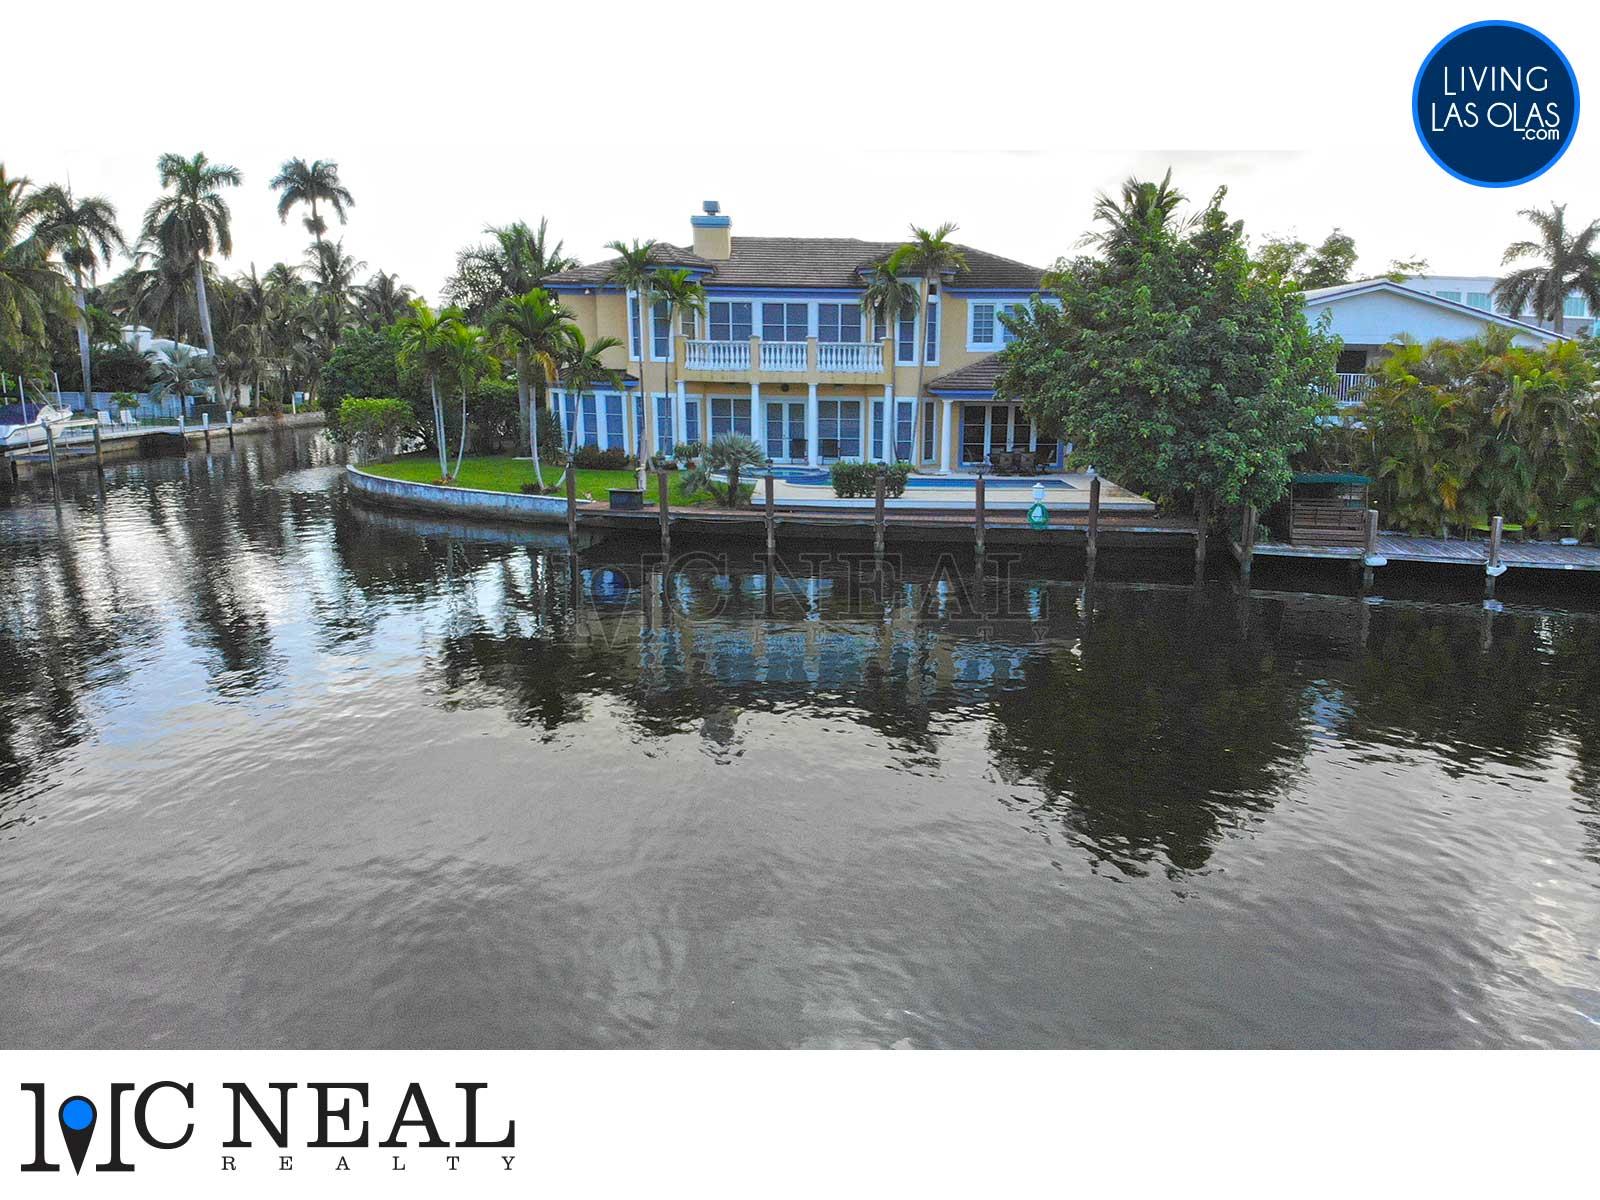 Navarro Isle Homes Real Estate Las Olas Isles 01